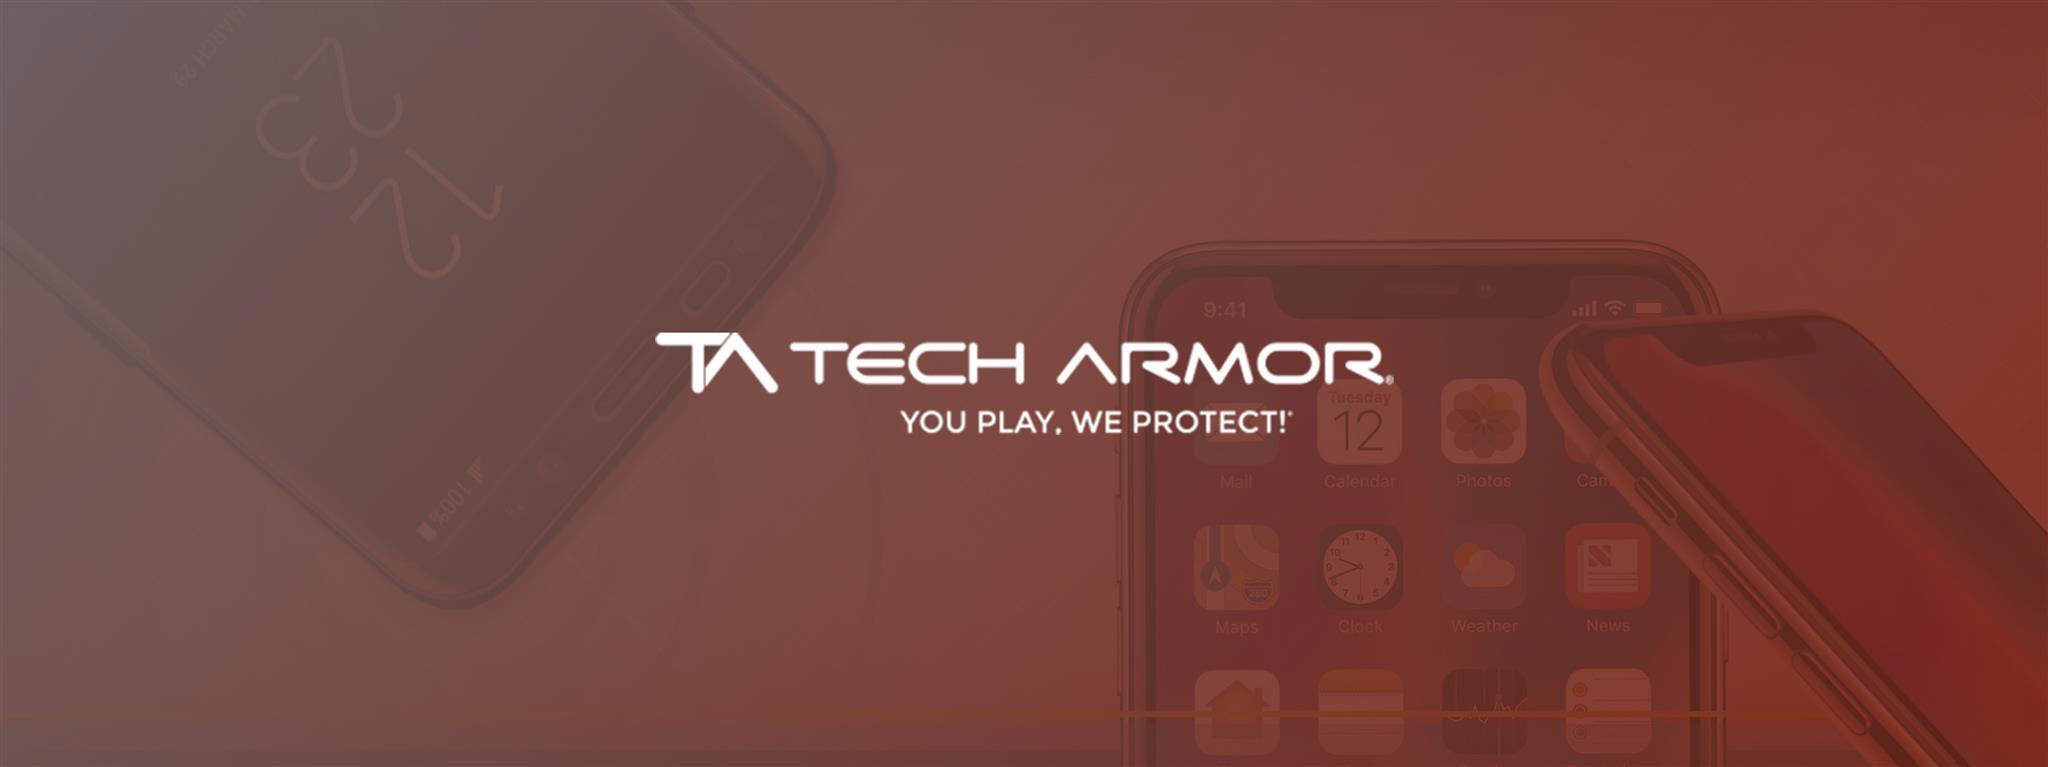 Tech Armor Case Study